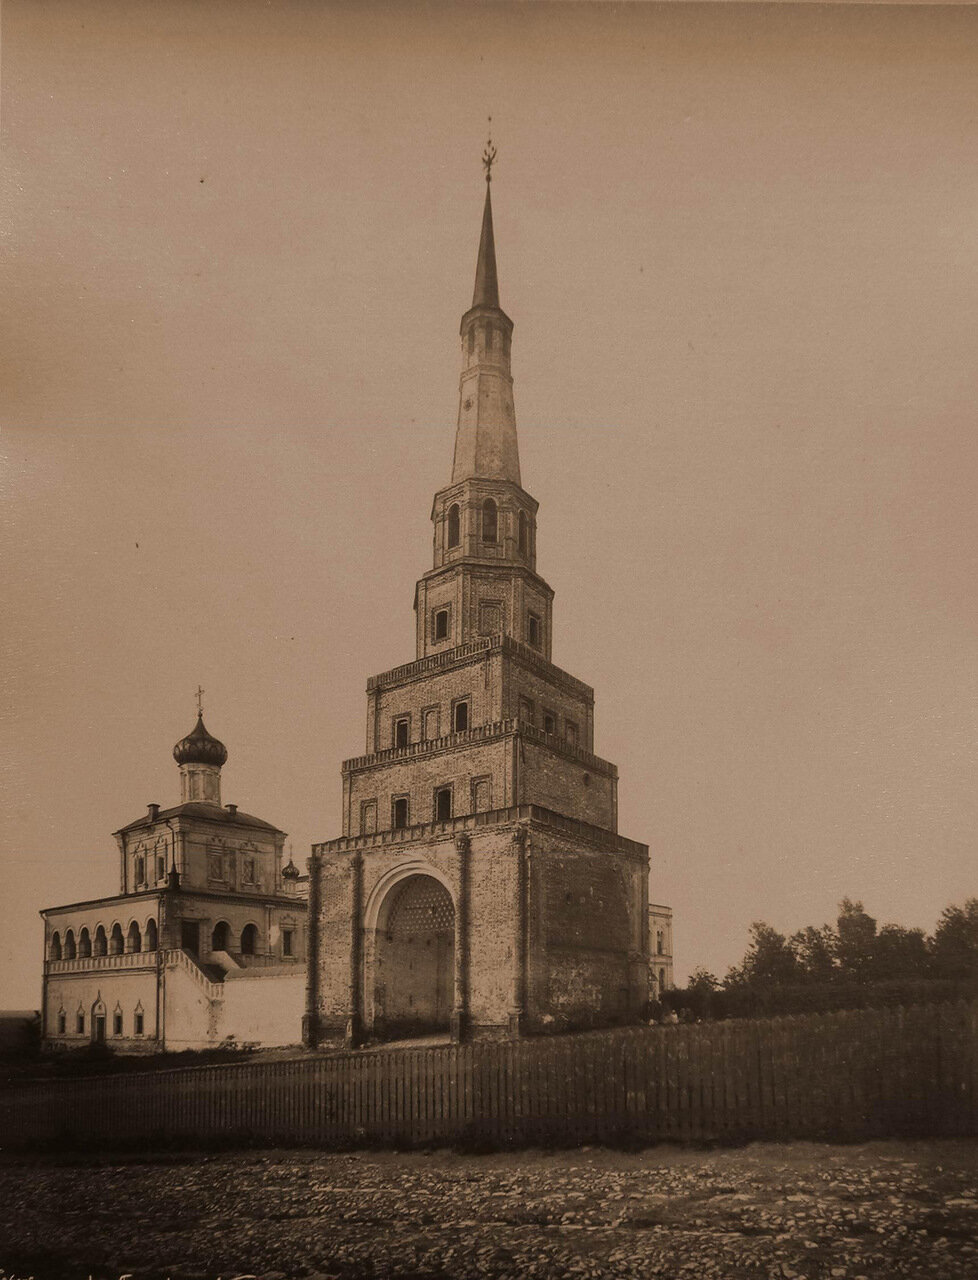 Вид на дозорную башню Сююмбеки в Кремле (постройка конца XVII -1-й половины XVIII в. основание, возможно, XVI в.)